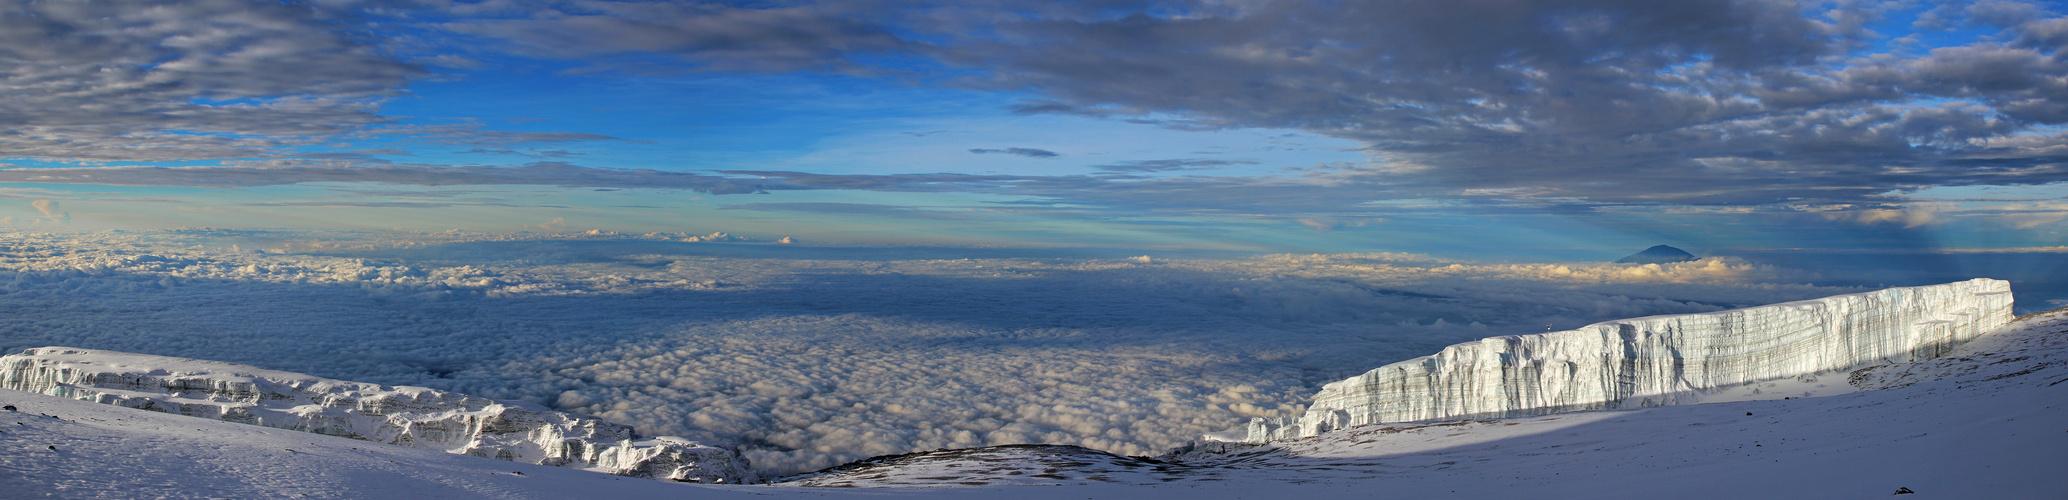 Looking down on Mt. Meru